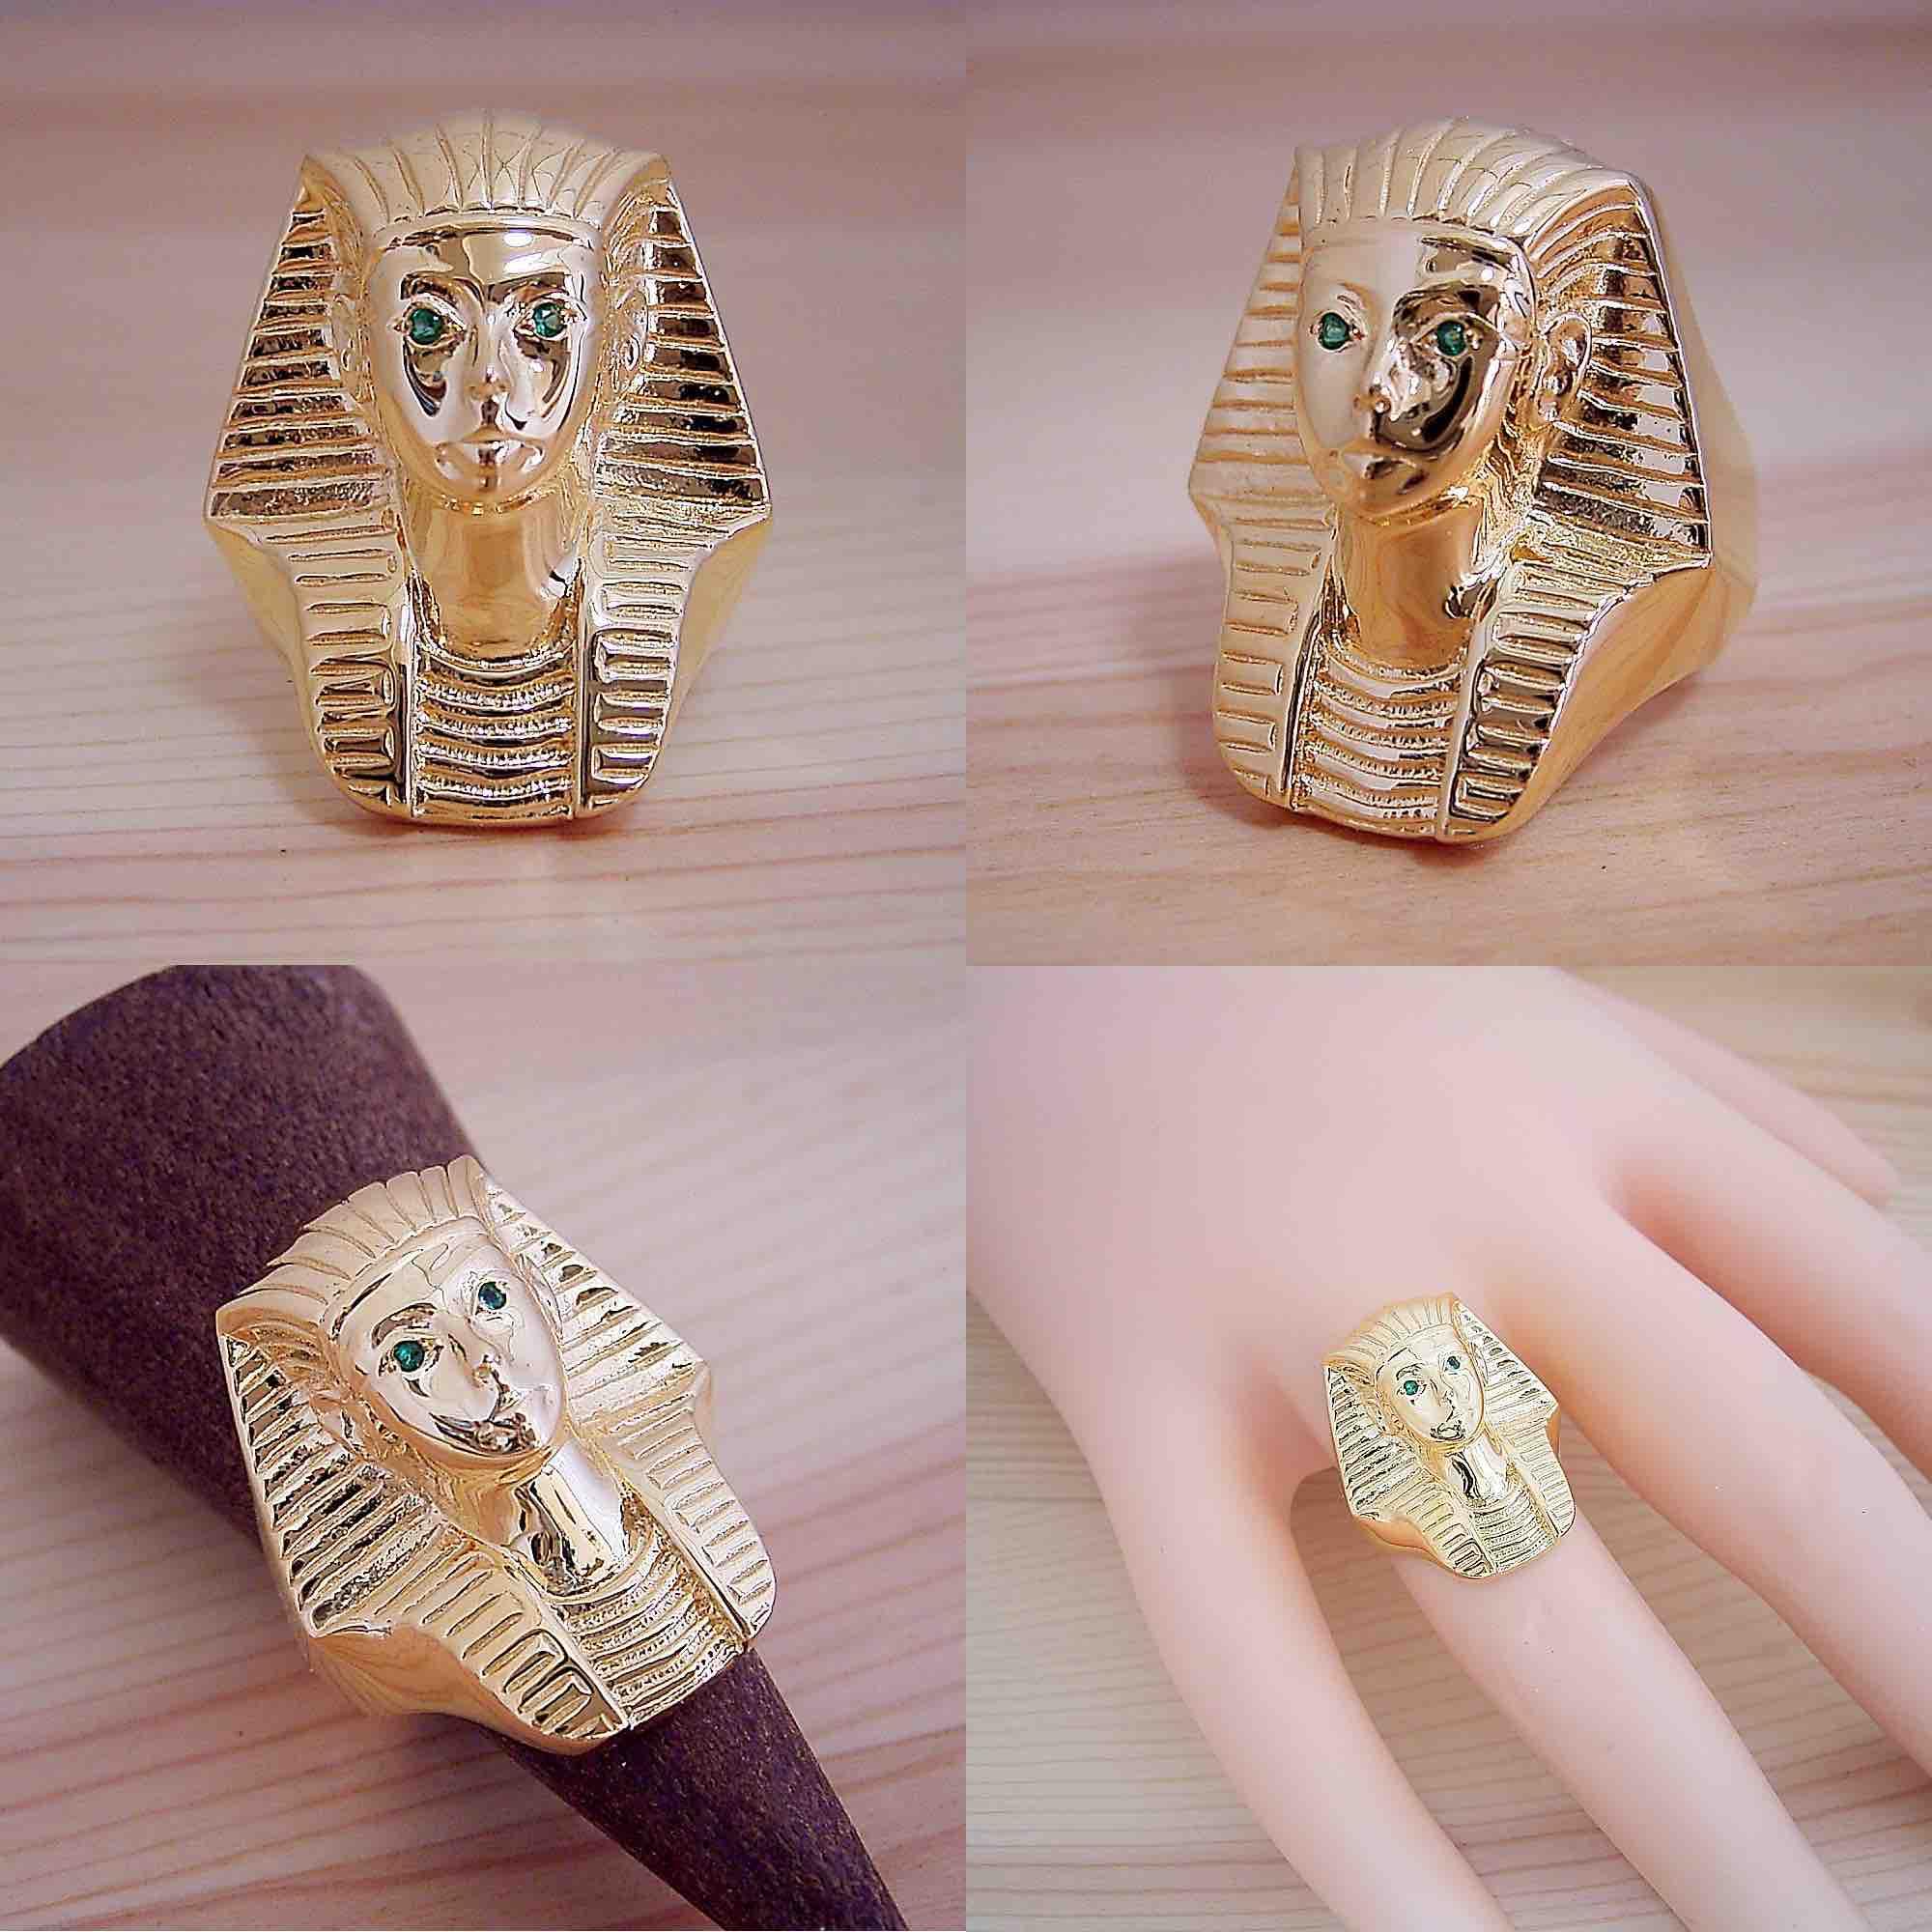 ツタンカーメンの指輪を作ってみたら凄かった!